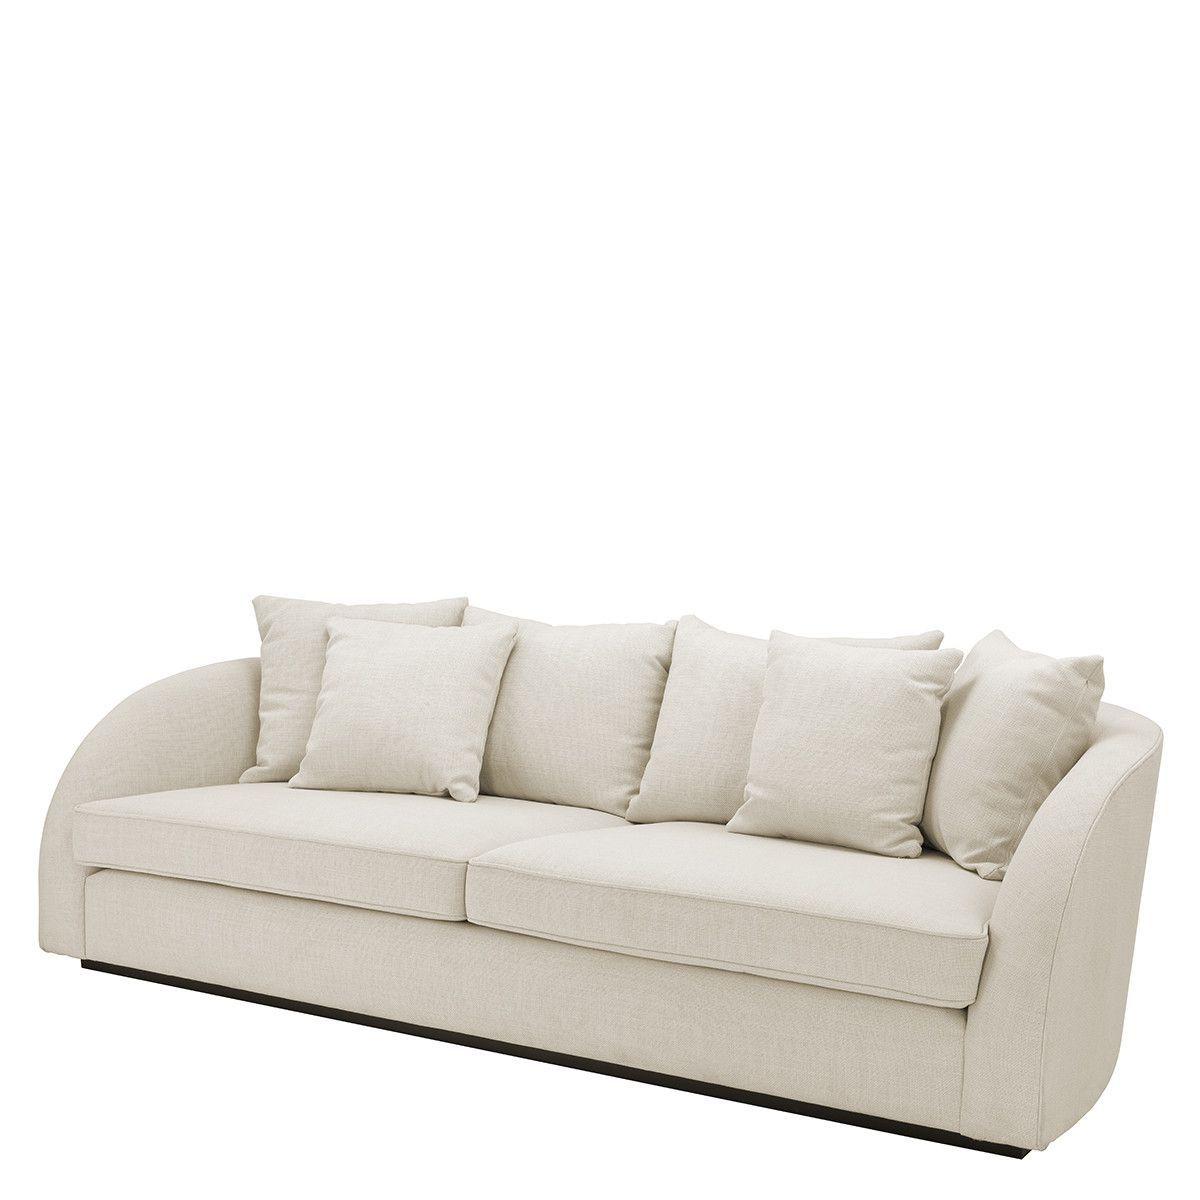 Eichholtz Les Palmiers Sofa Natural Products Pinterest # Muebles Seccionales En Miami